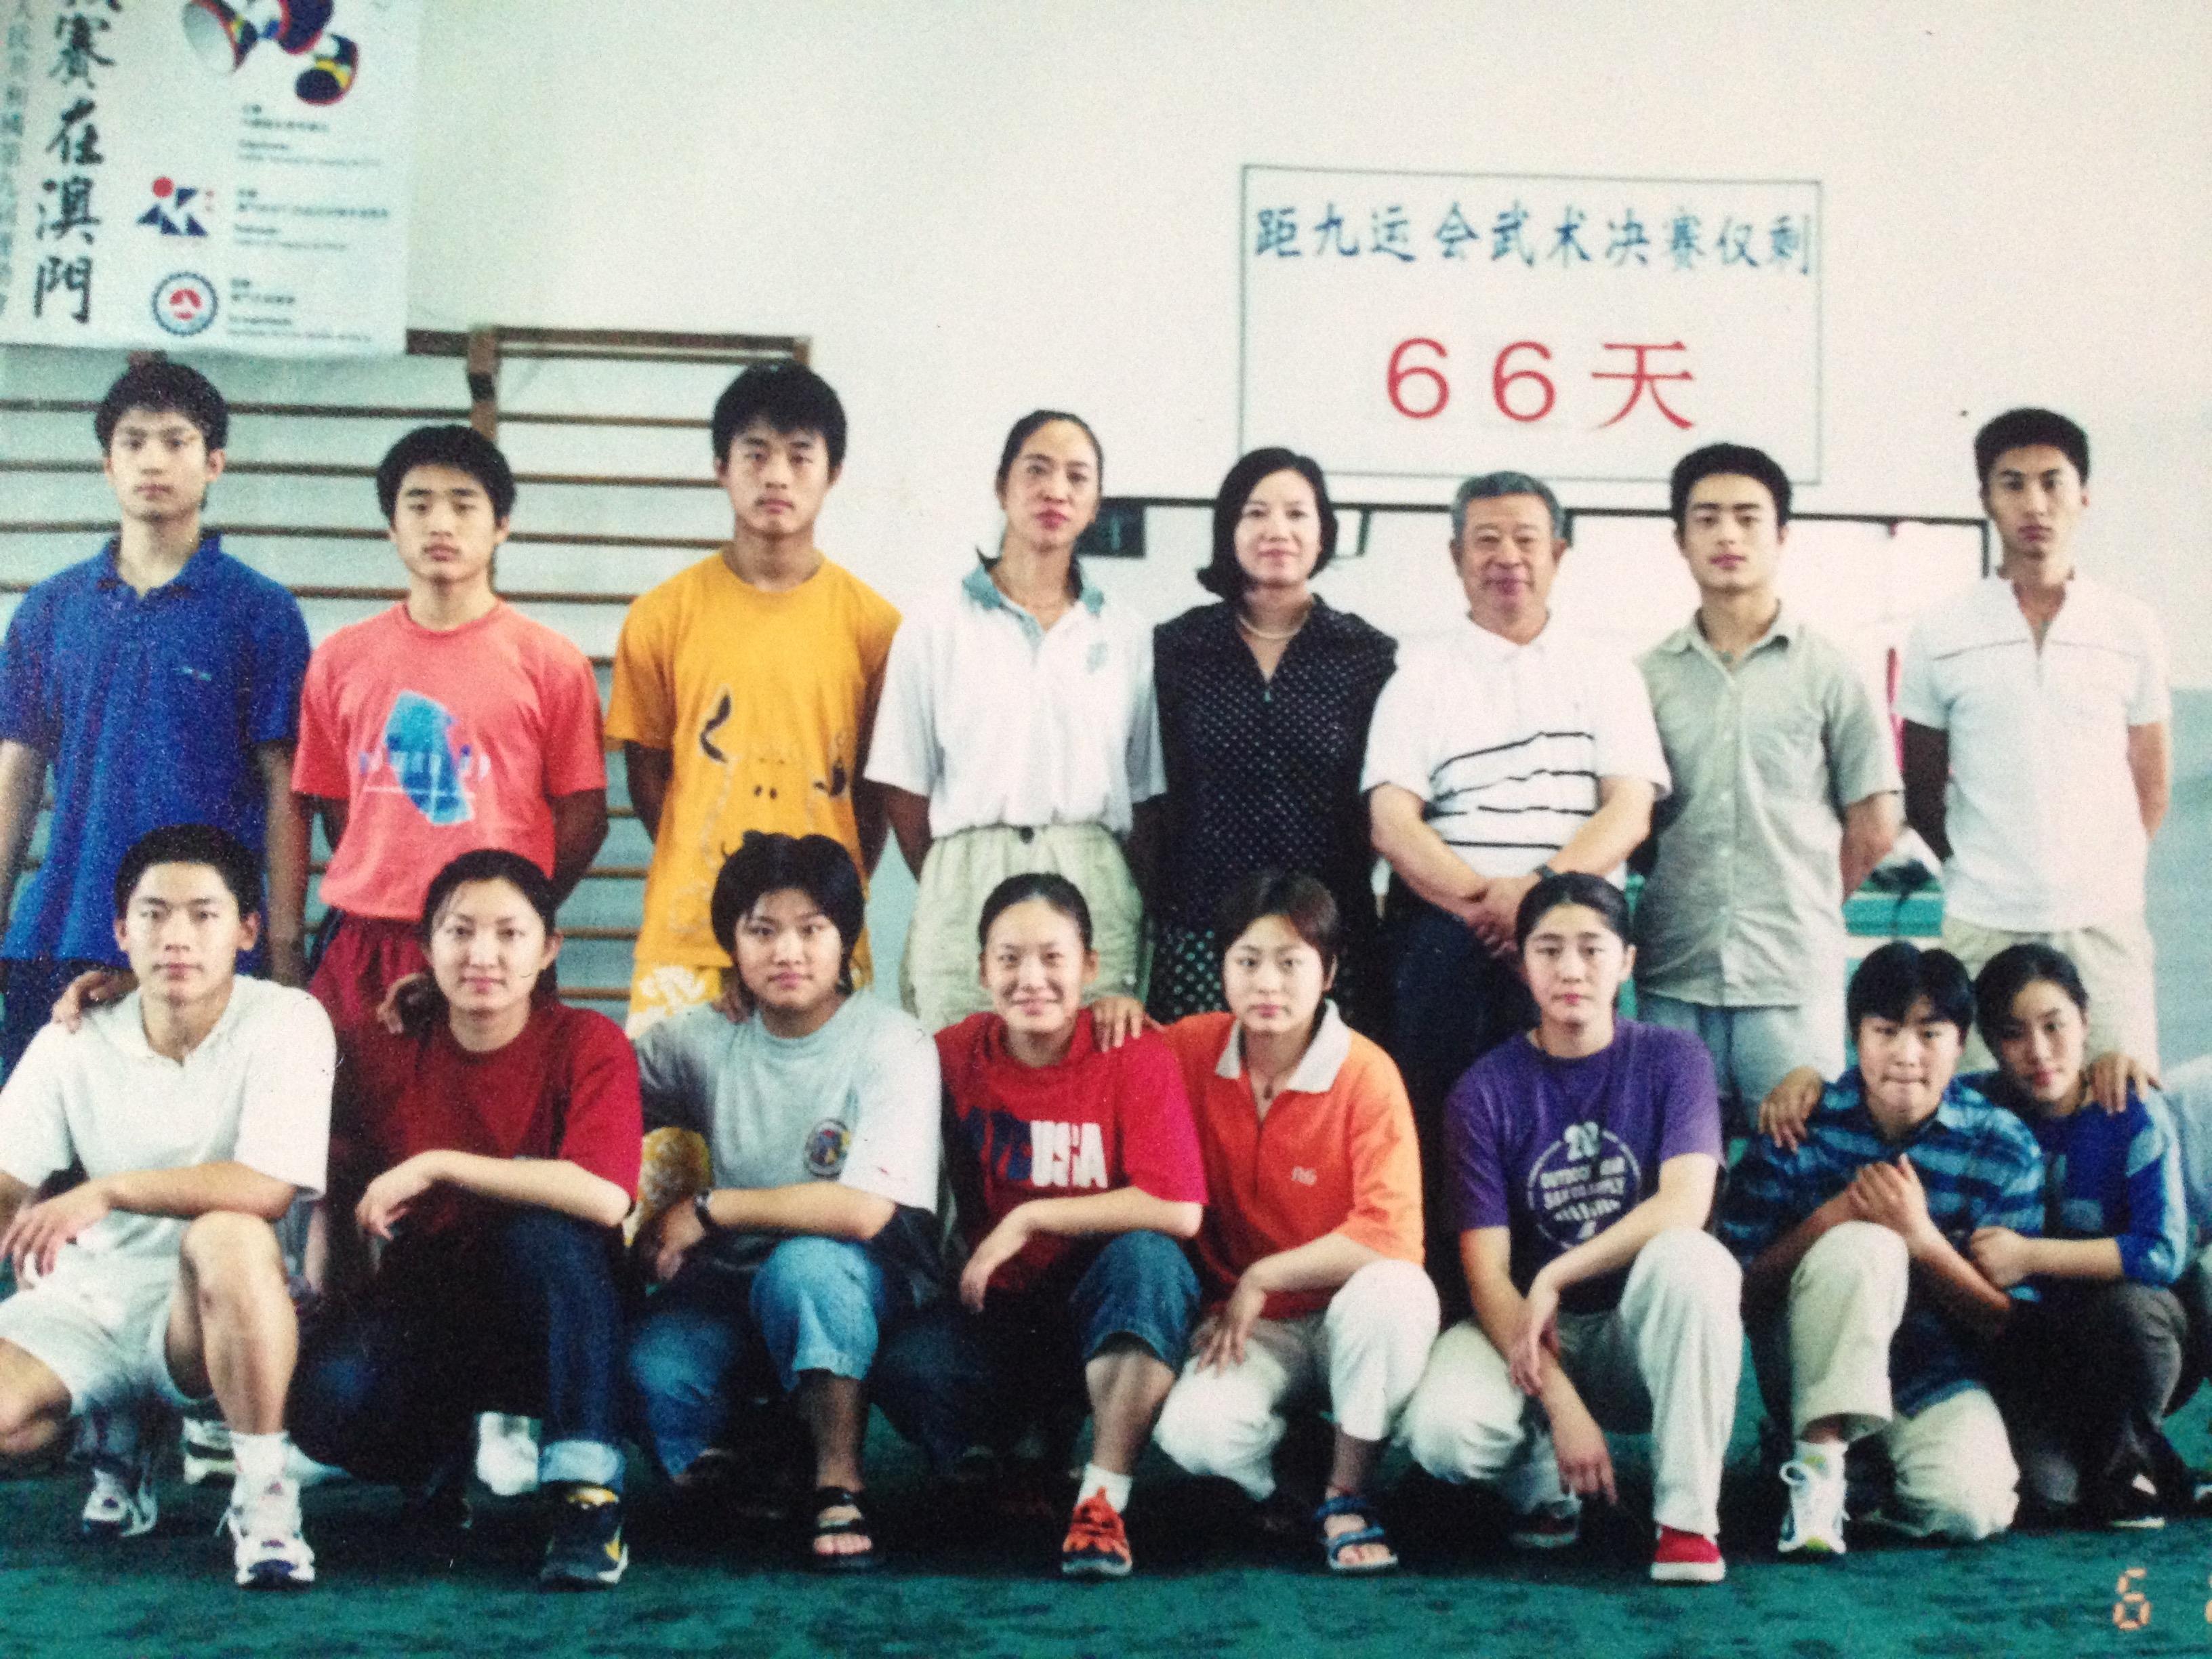 with Wu Bin